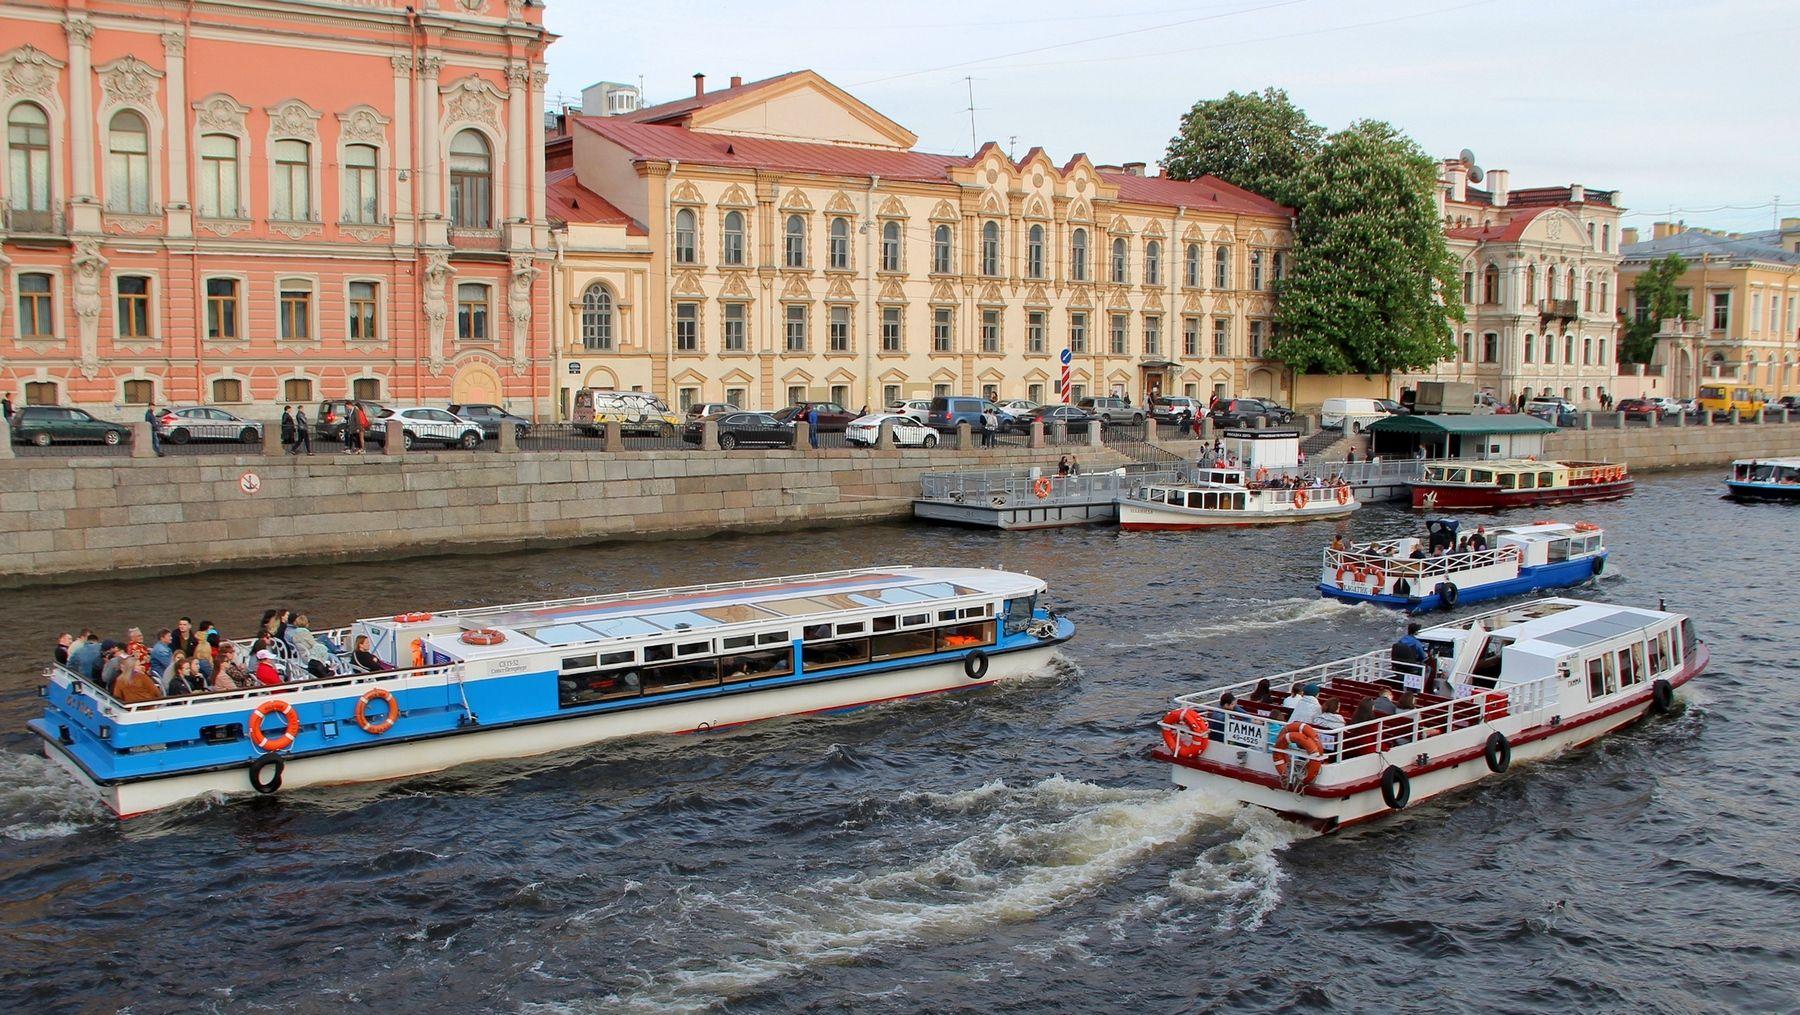 Речные гонки река город